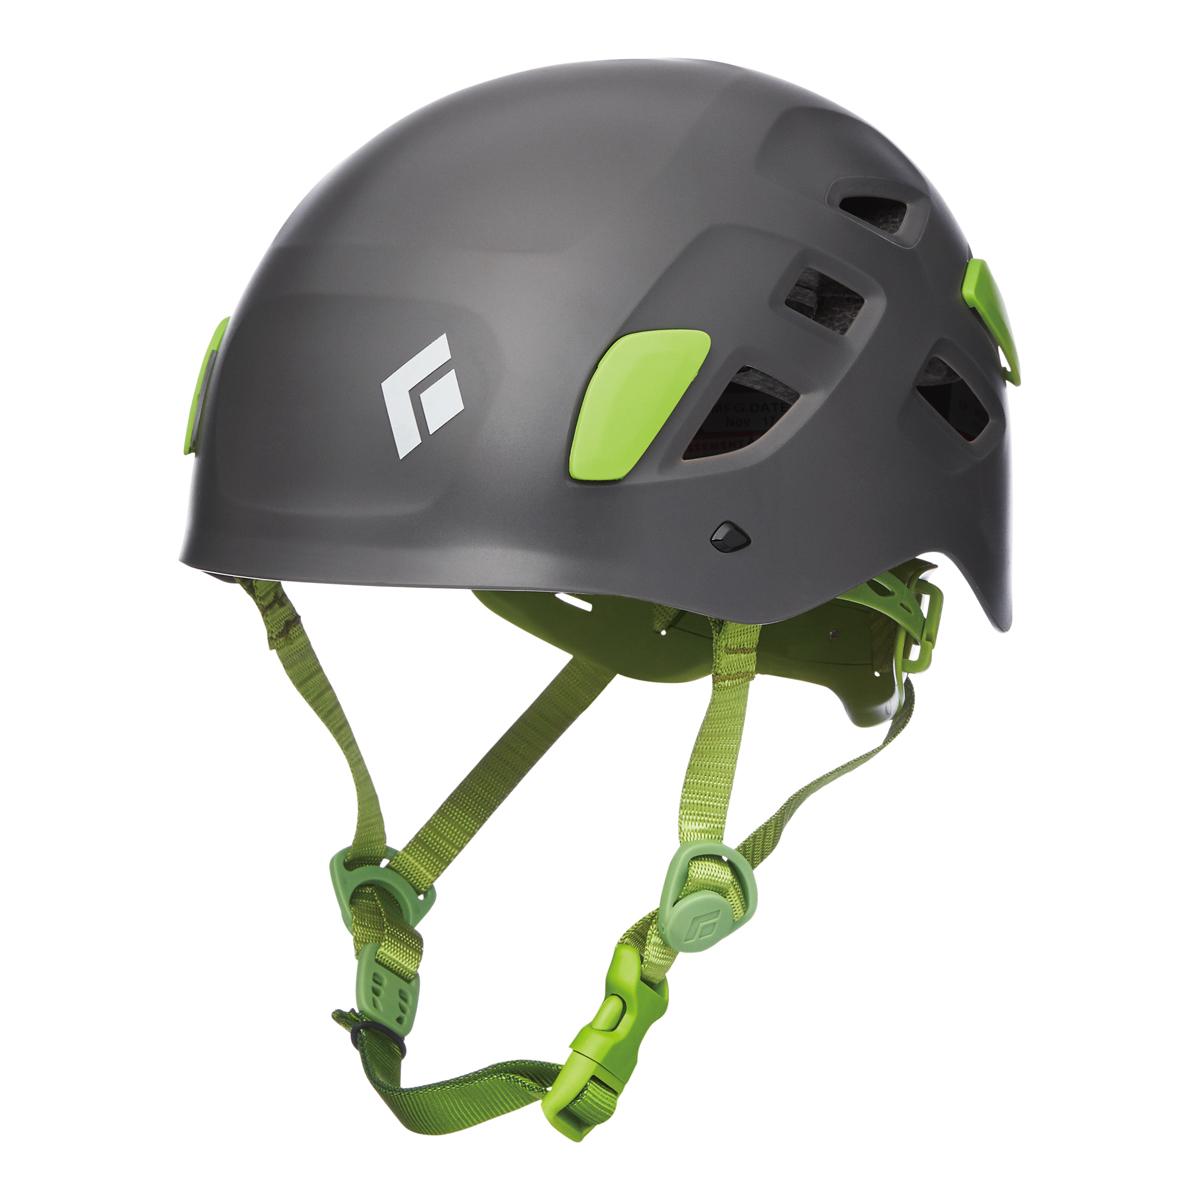 2020SS お取り寄せ商品 取寄 ブラックダイヤモンド 送料無料でお届けします BD12012004006 スレート 直営店 ハーフドームヘルメット M Lサイズ